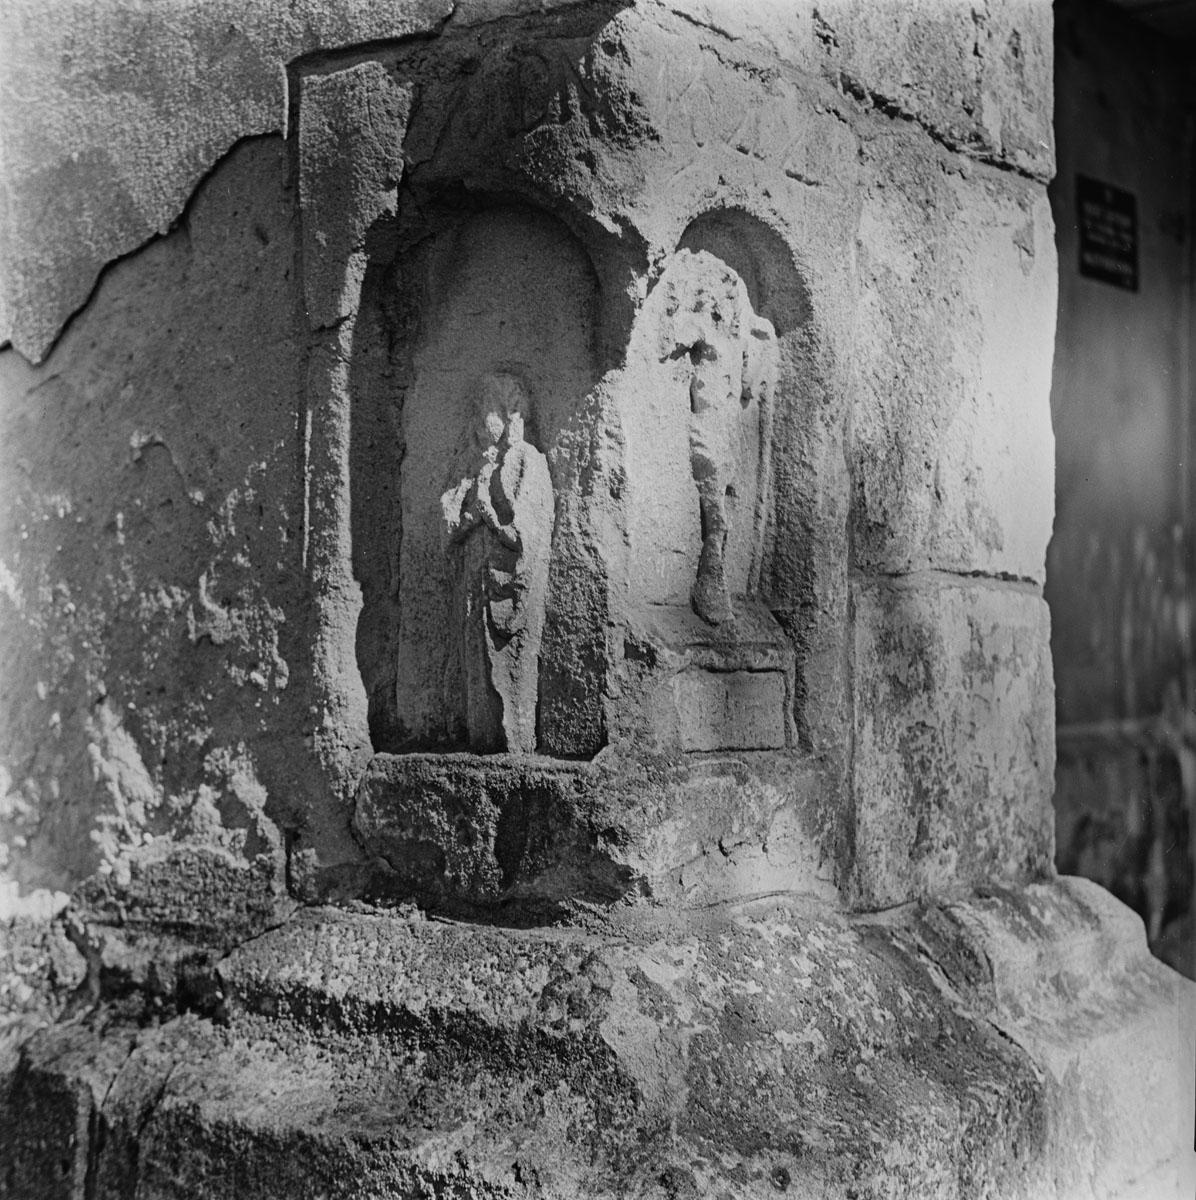 Figurka w murze